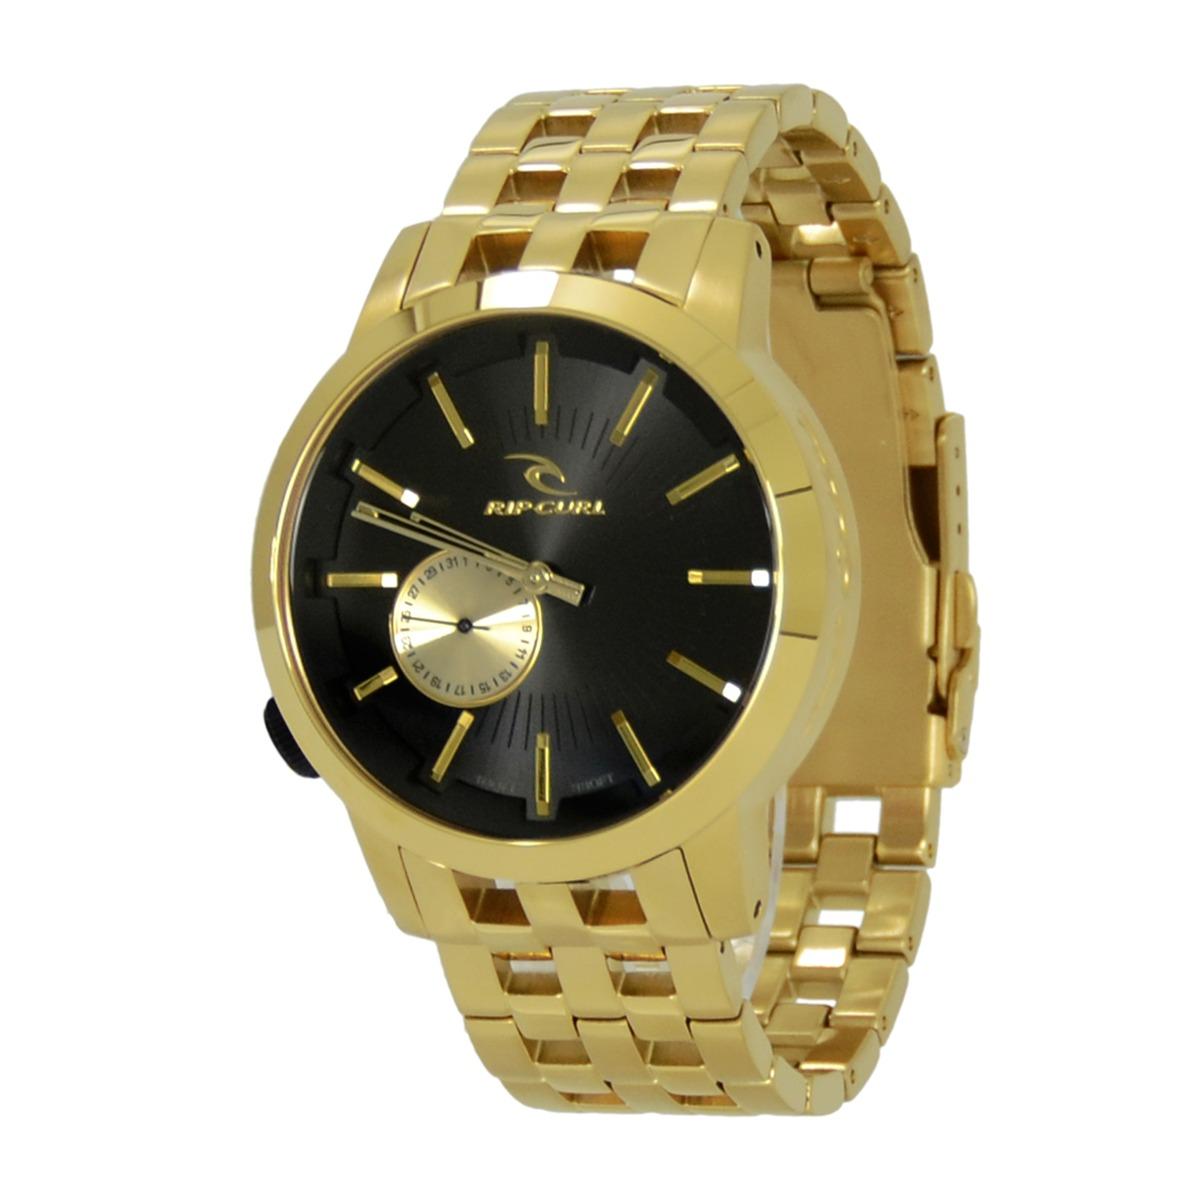 f7e4392c69b relógio masculino rip curl detroit midsize gold sss. Carregando zoom.